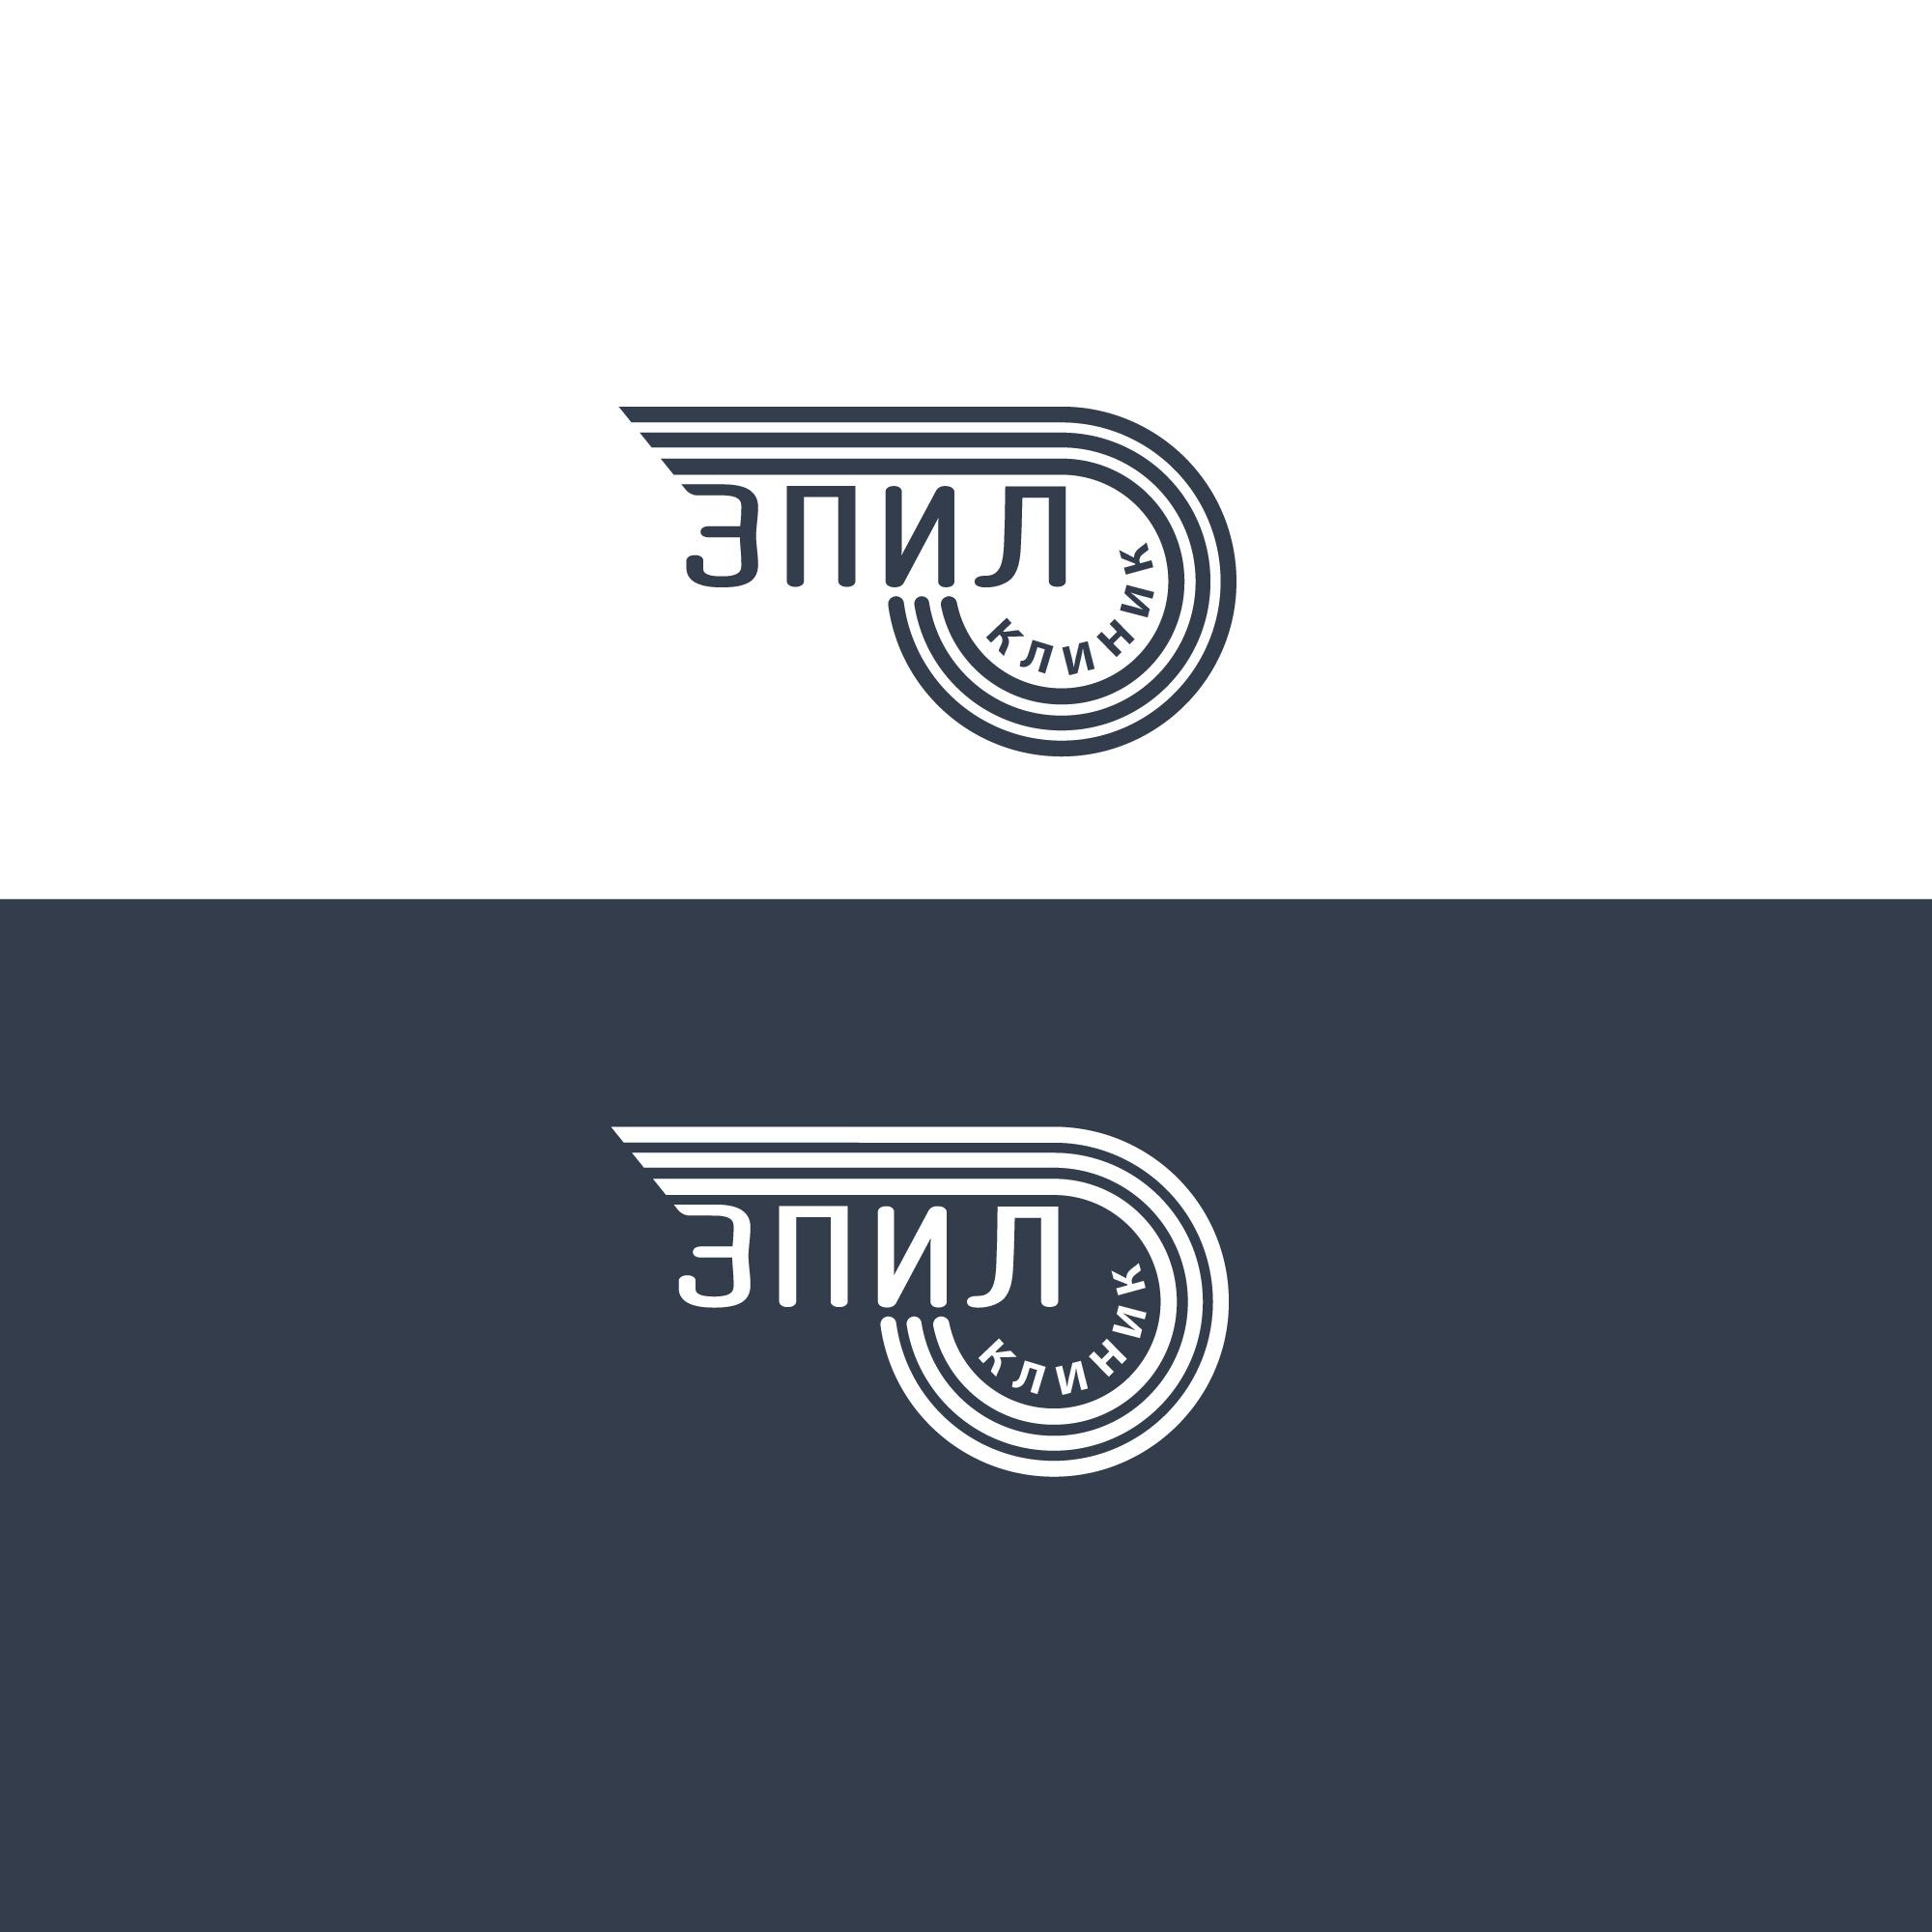 Логотип , фирменный стиль  фото f_1245e1ab29f3139a.jpg